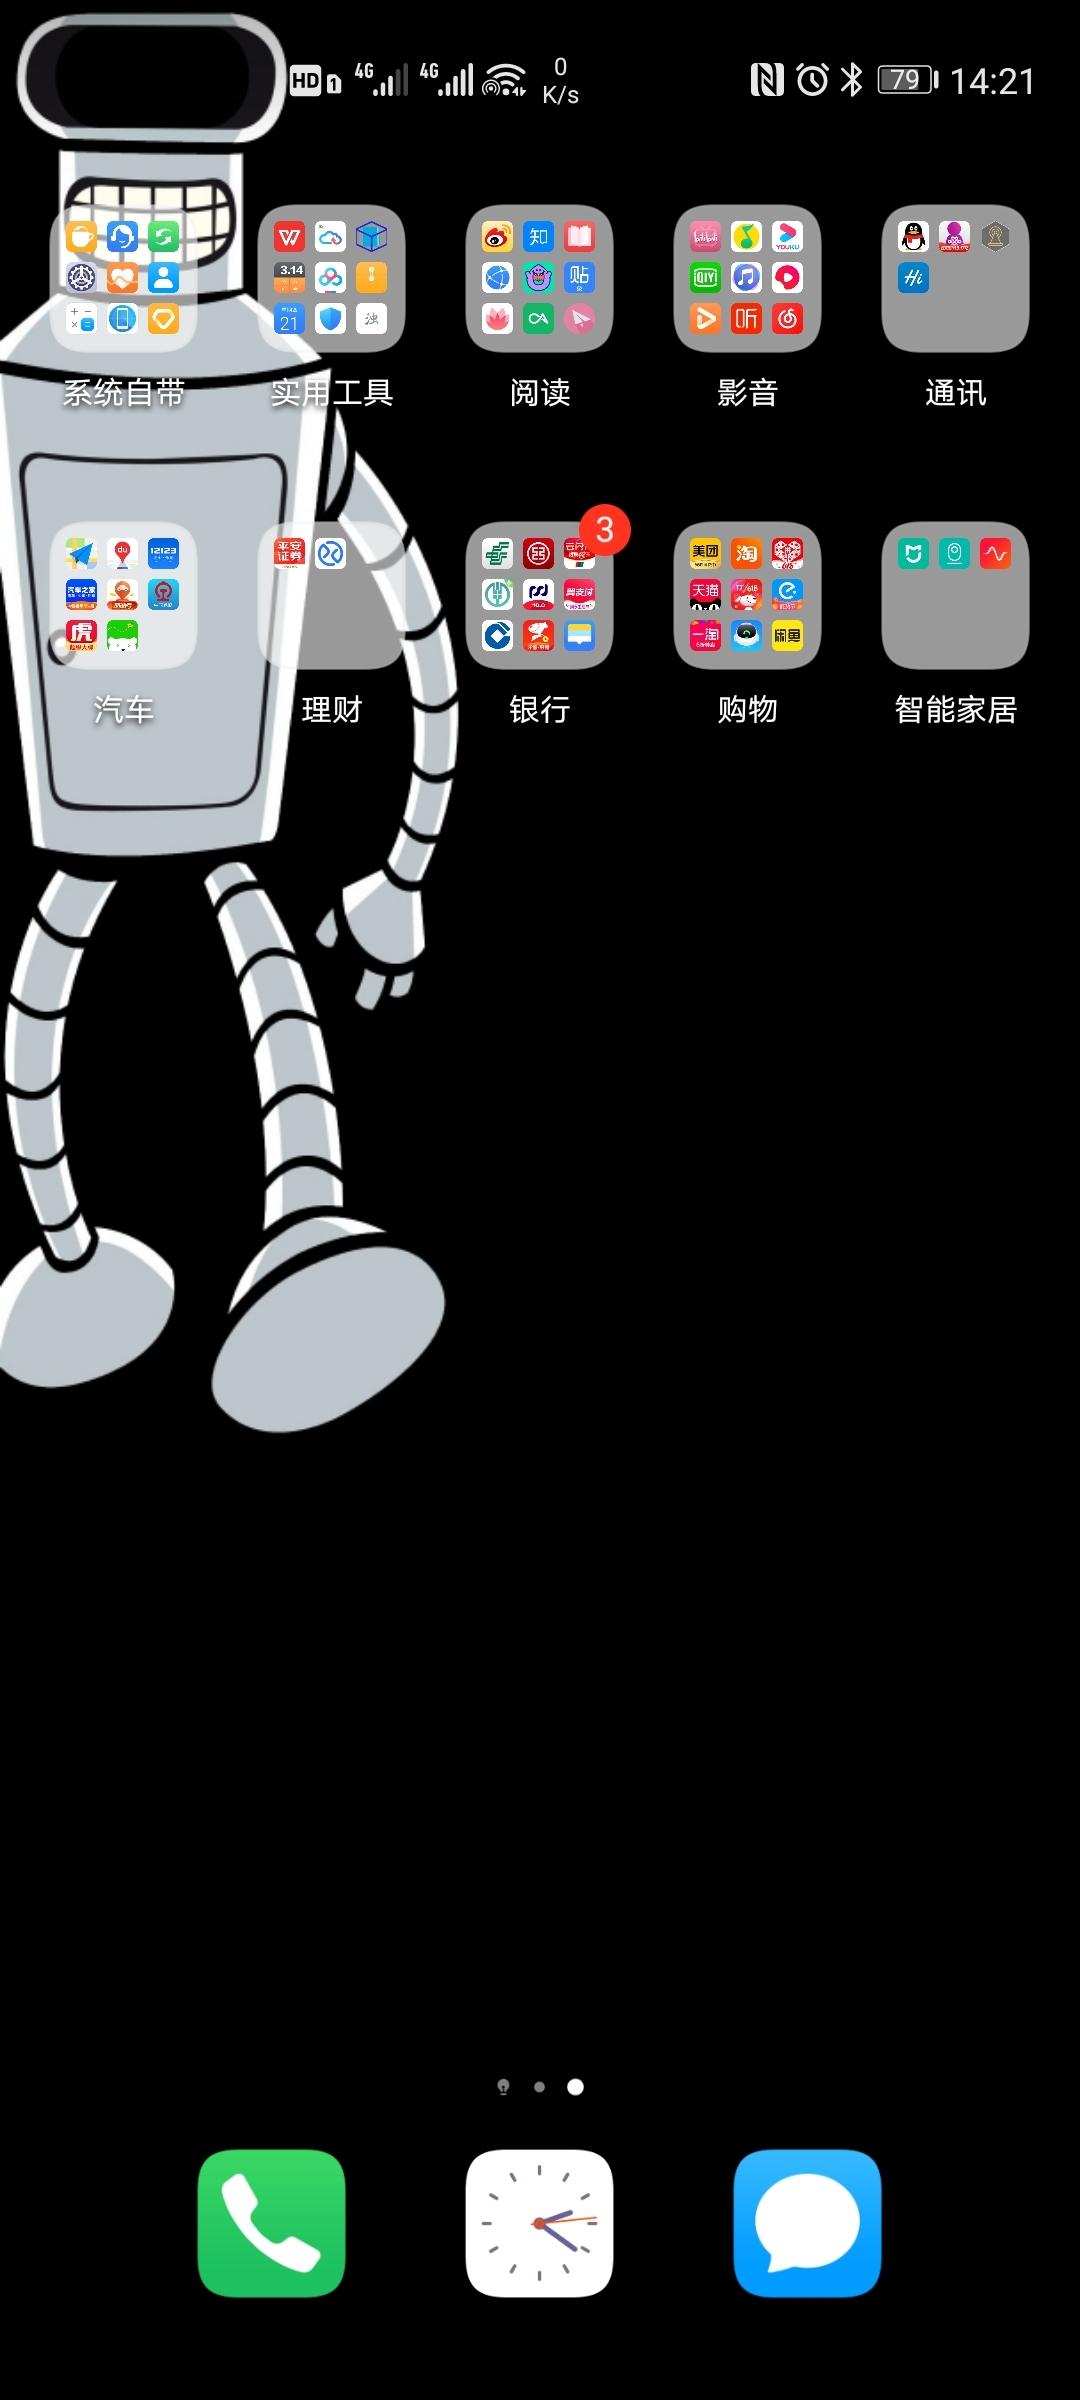 Screenshot_20200521_142115_com.huawei.android.launcher.jpg